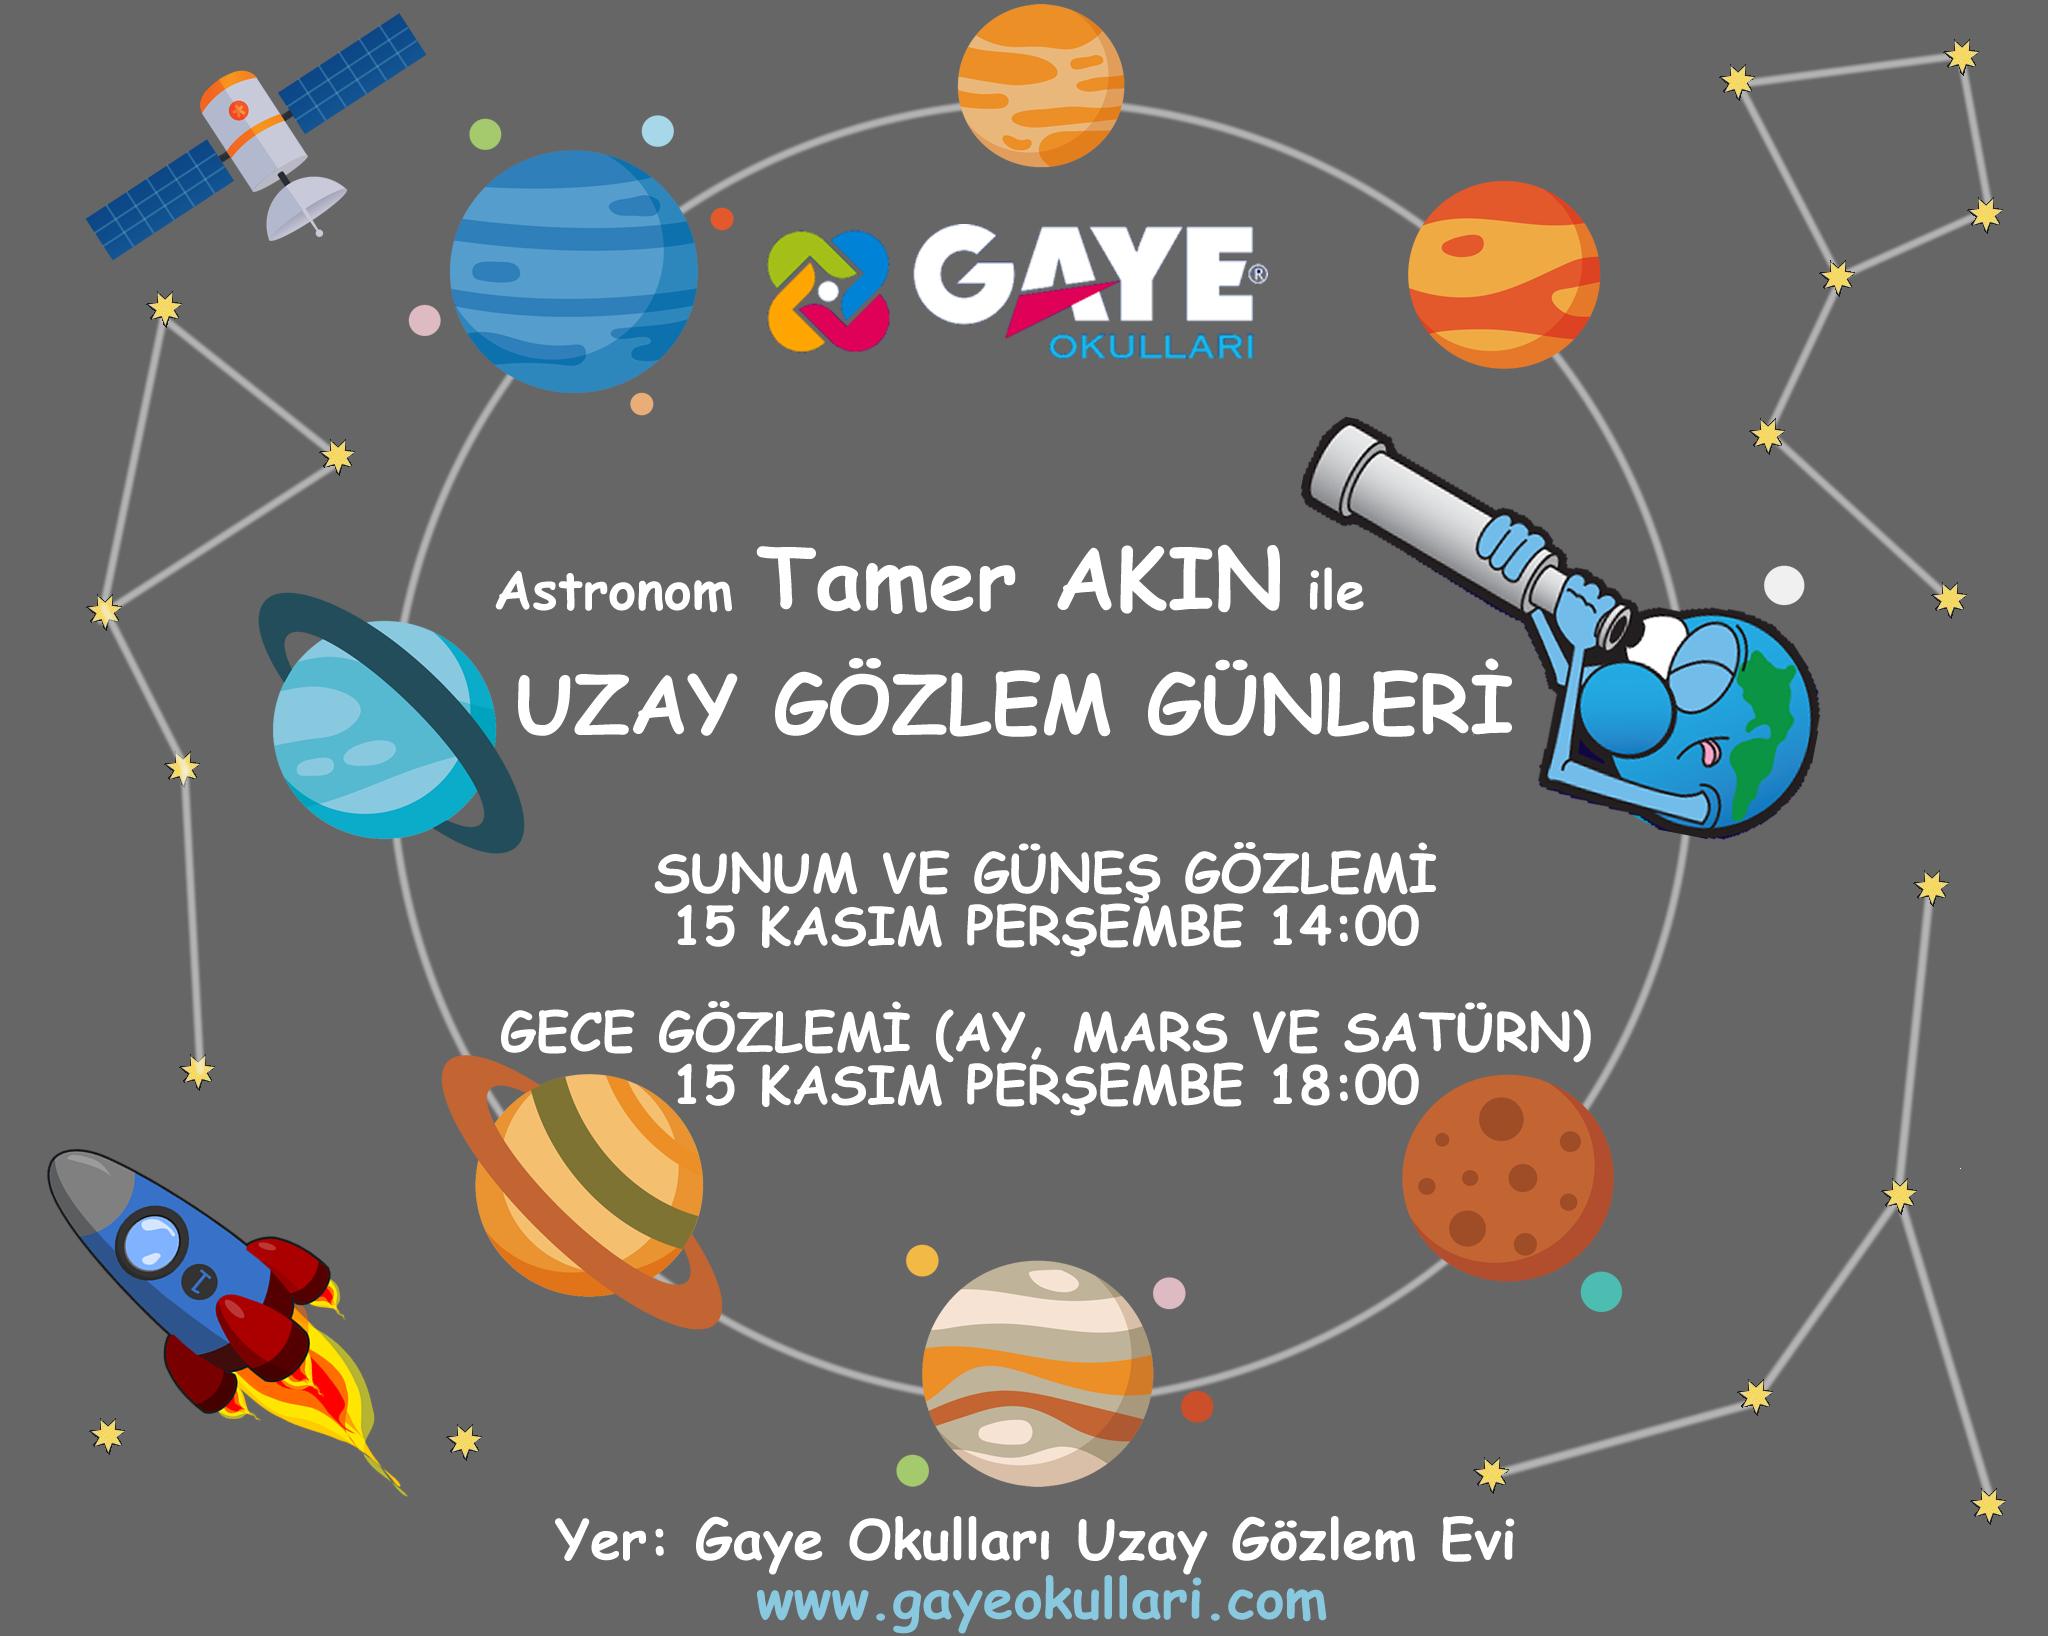 Gaye'de Uzay Gözlem Günleri